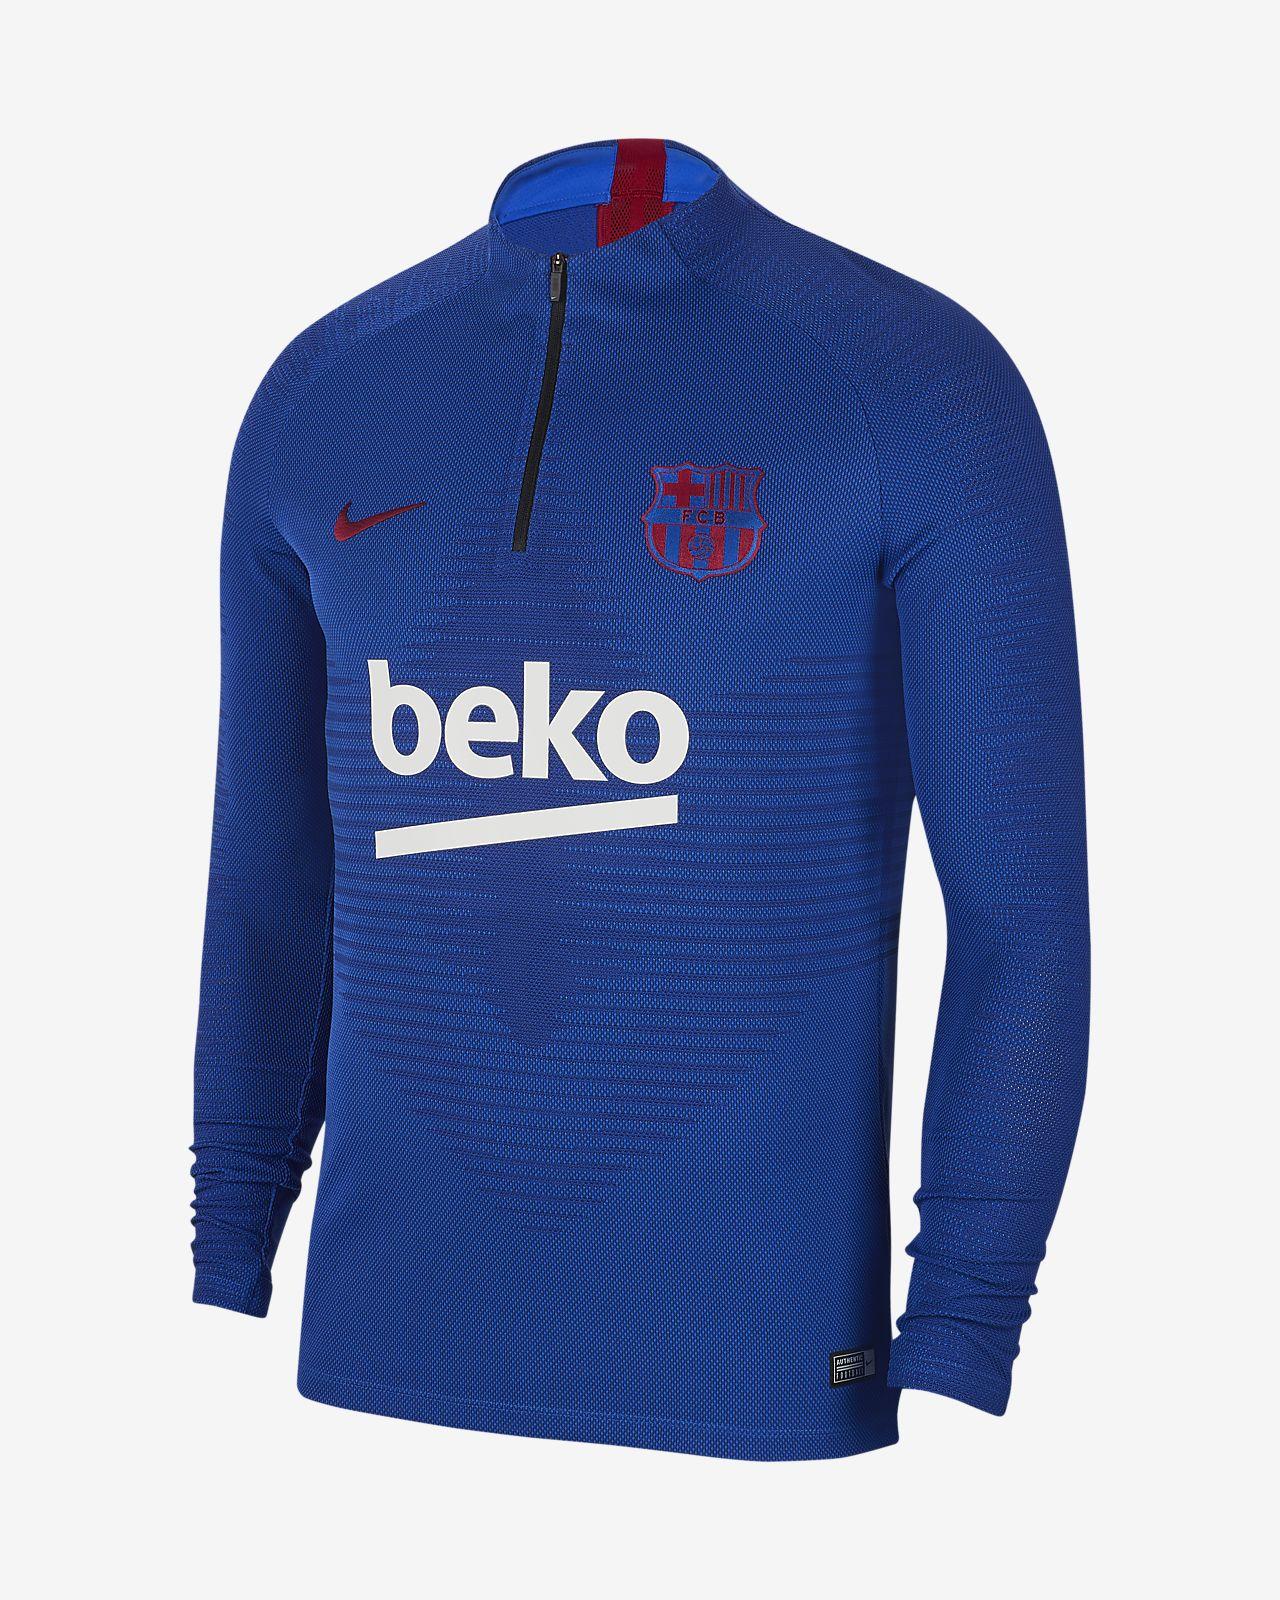 Ανδρική ποδοσφαιρική μπλούζα προπόνησης Nike VaporKnit FC Barcelona Strike